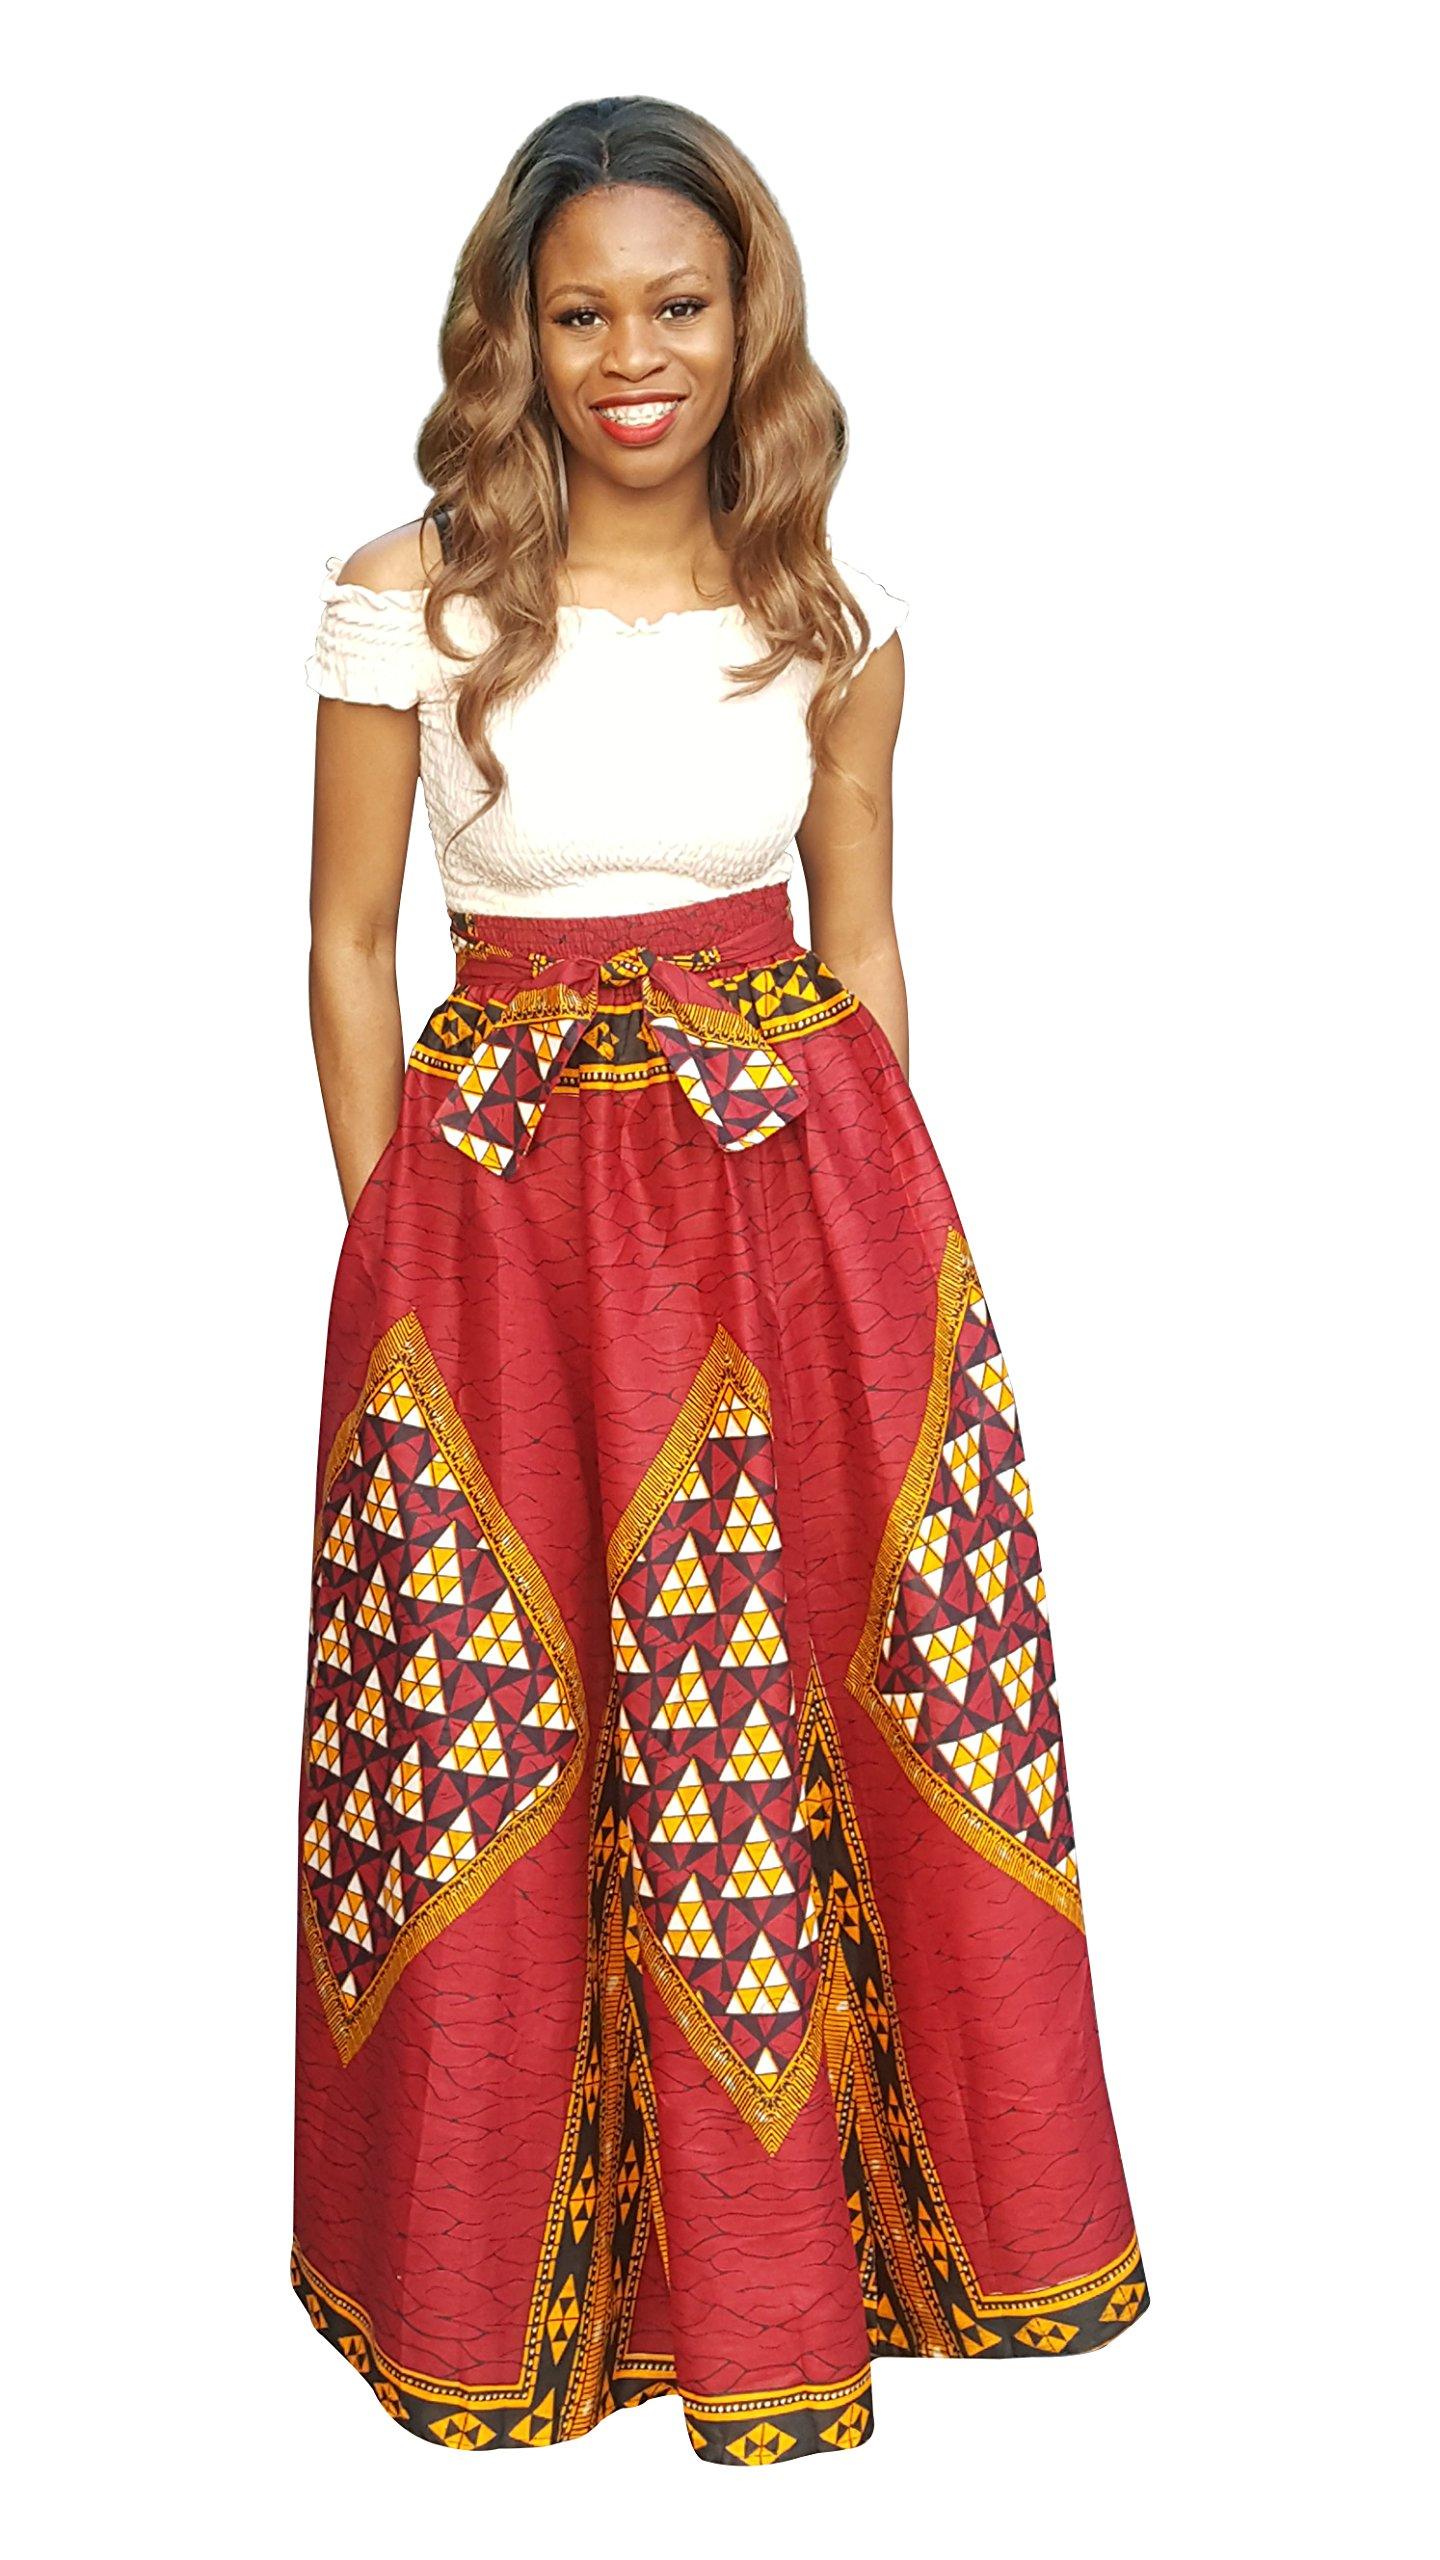 Dupsie's Red African Print Diamond High Waist Maxi Skirt